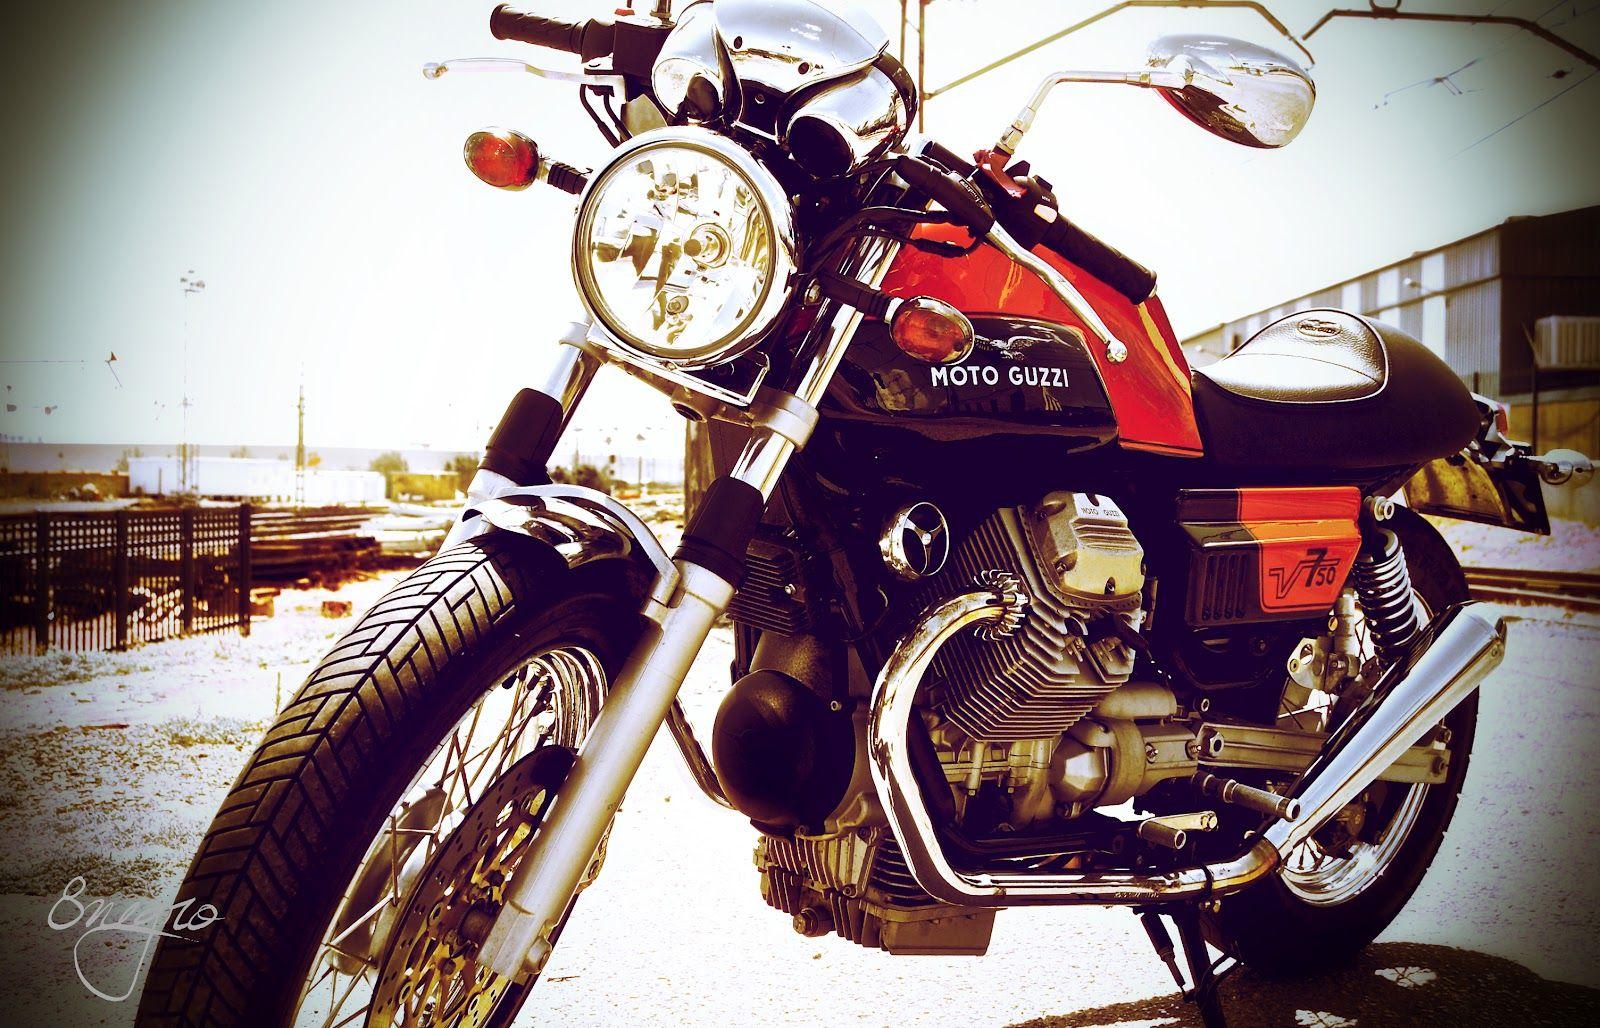 Moto Guzzi V7 Moto Guzzi Motorcycle Cb350